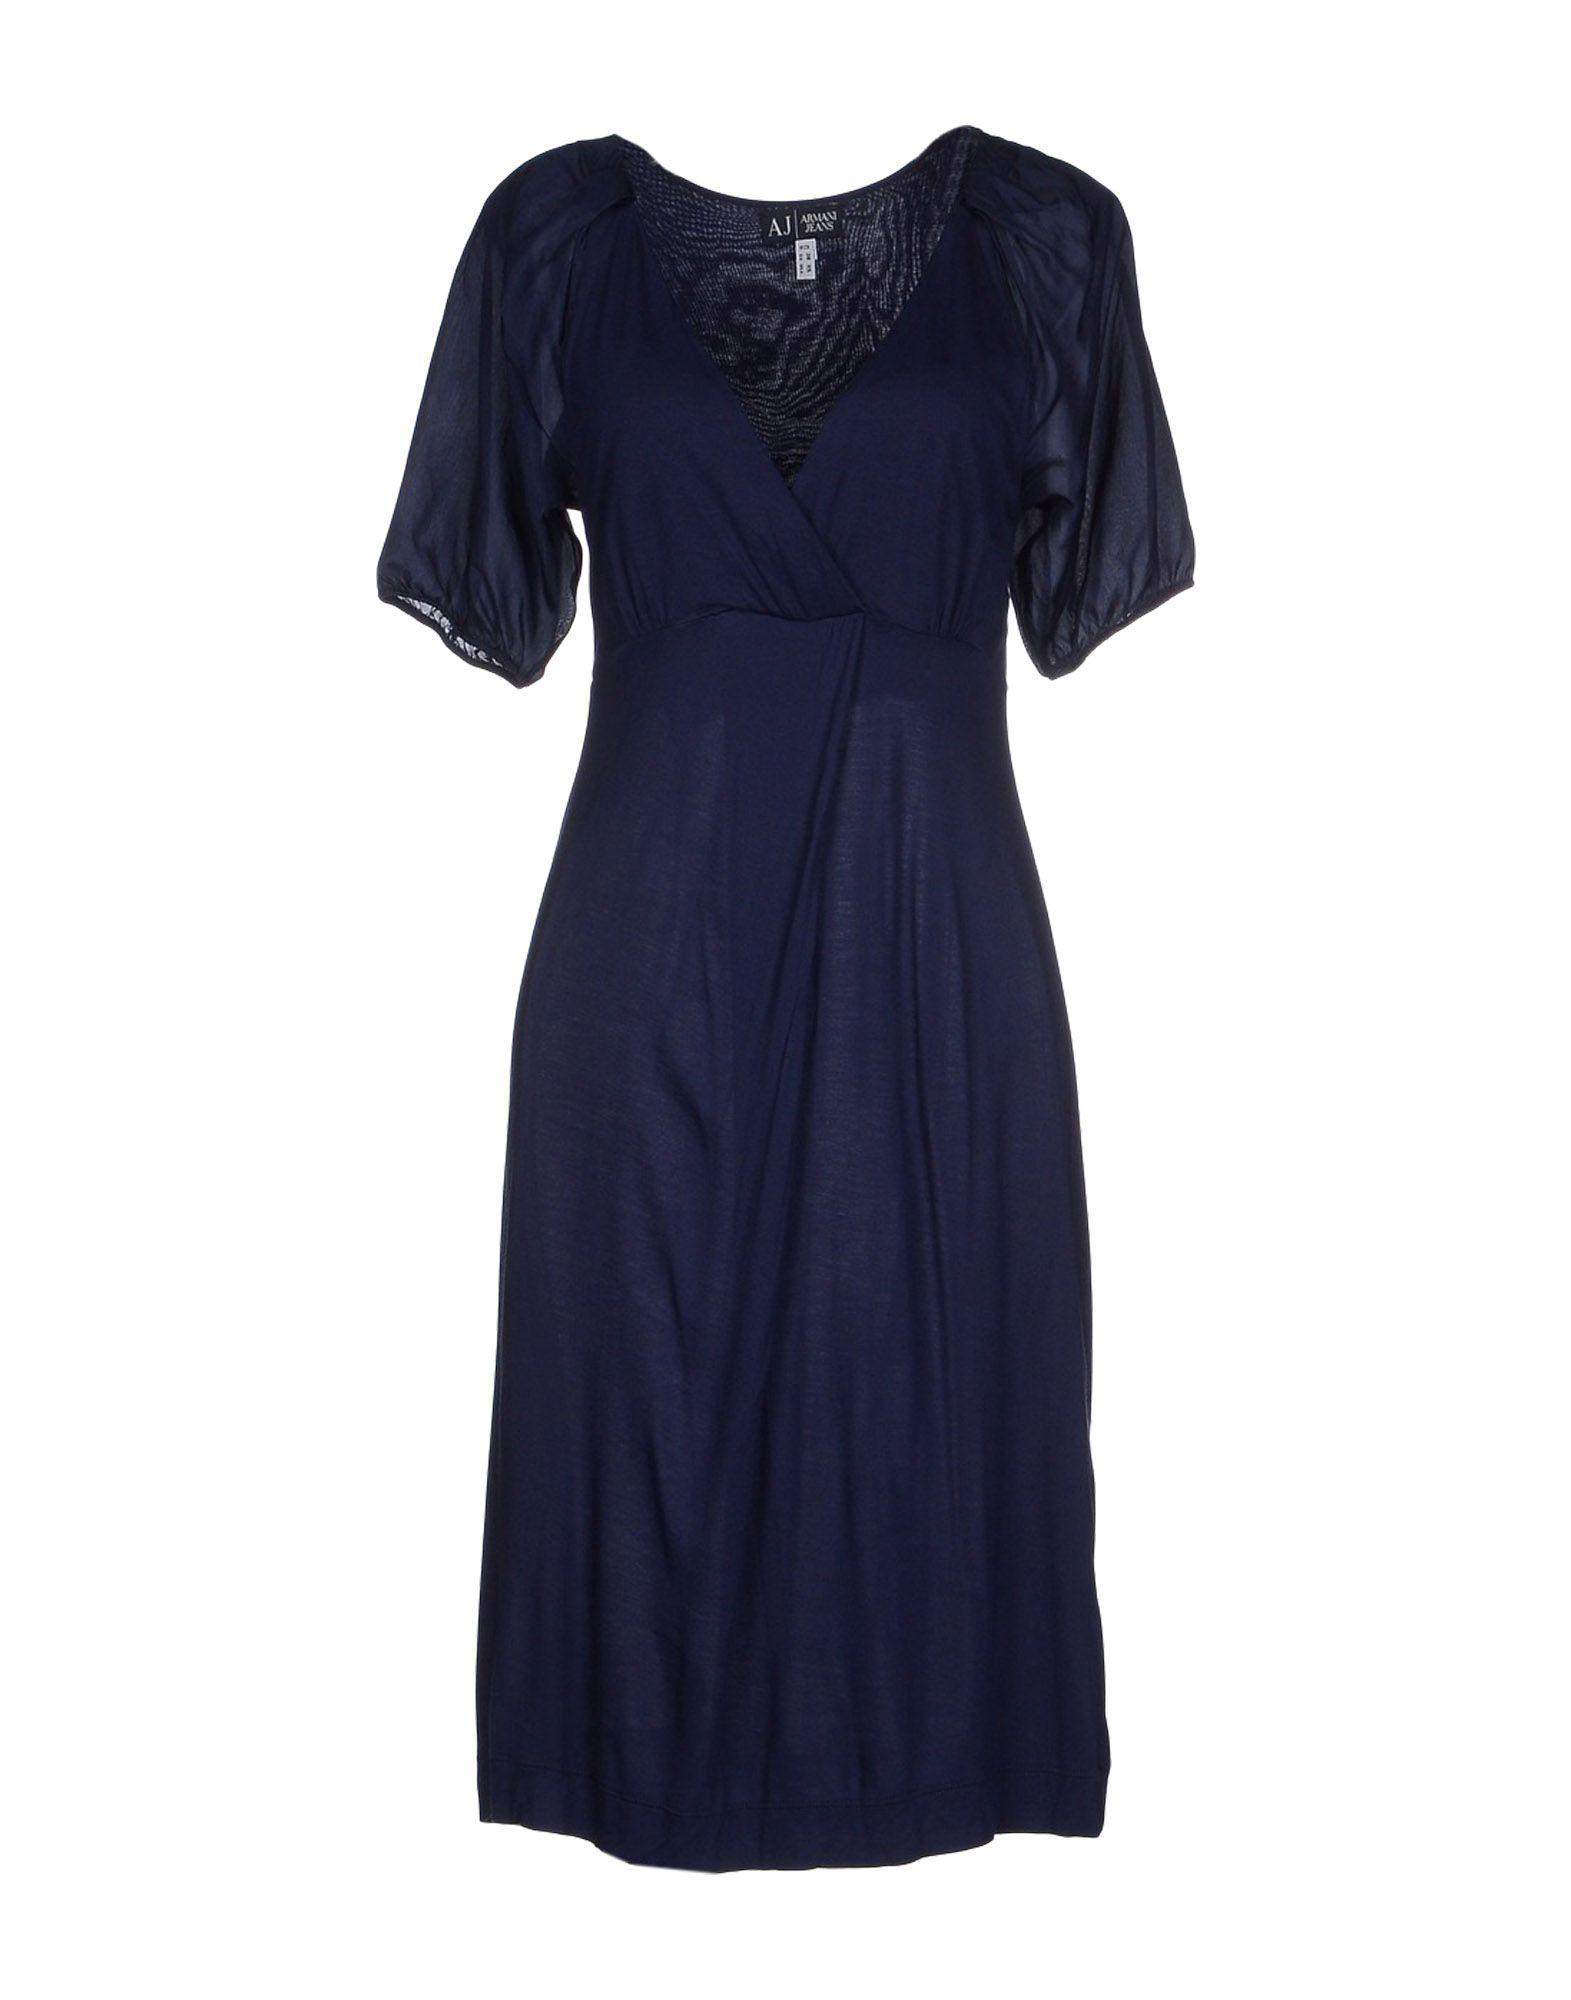 Brilliant Calvin Klein Jeans Womenu2019s Denim Tie Waist Dress | Ufavstyle